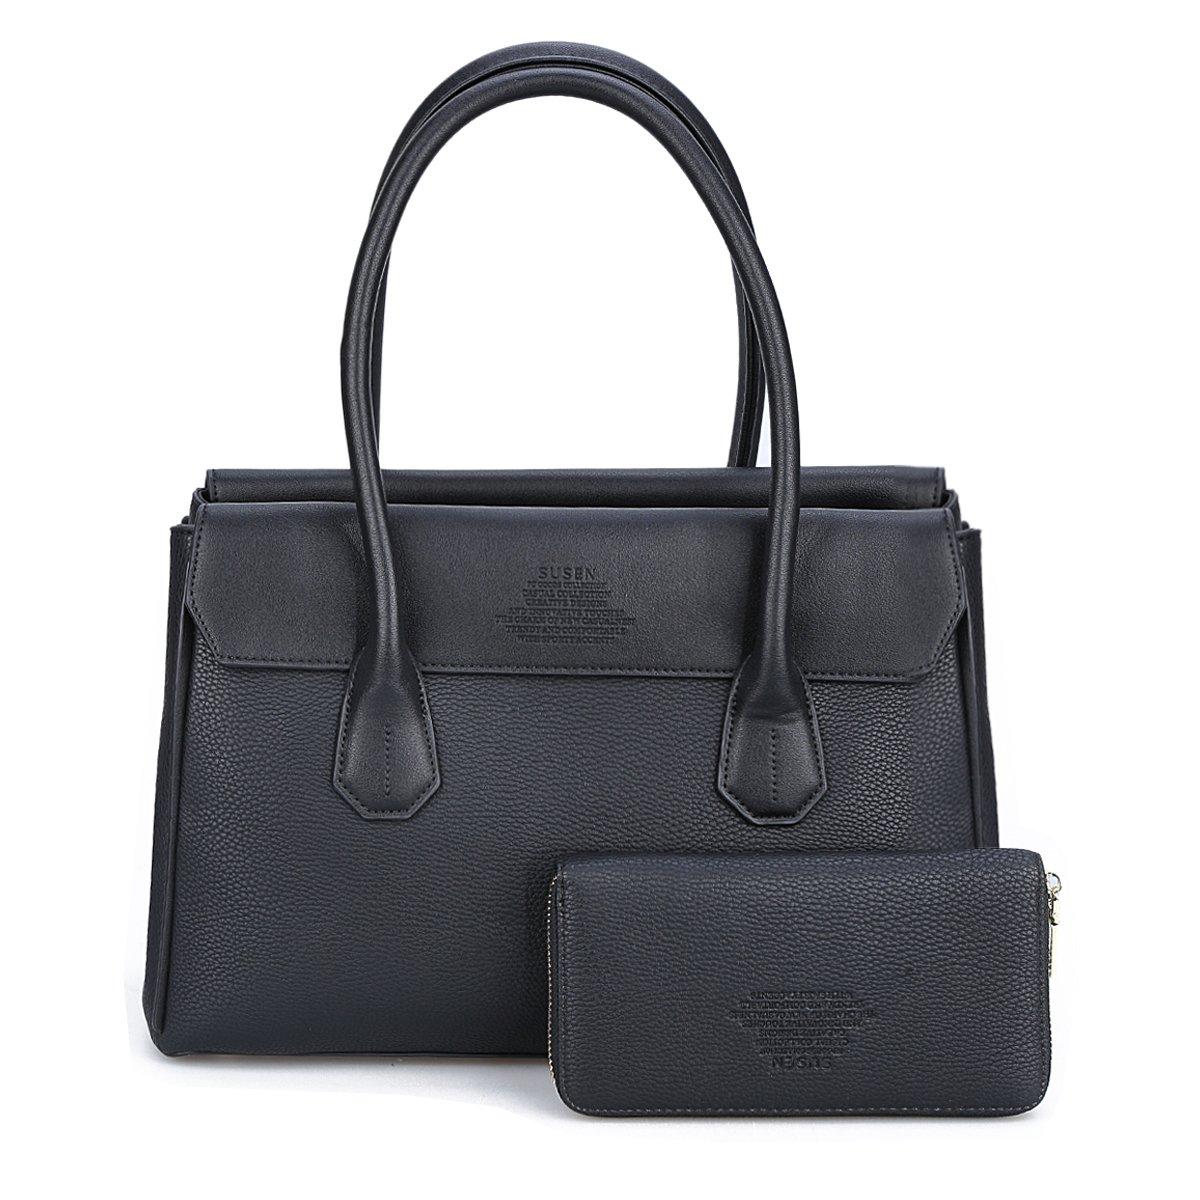 Maletín con carteras para señoras, SUSEN Mujeres Bolso Bandolera bolsa de asas del bolso de hombro Top bolsas con asas, Cuero de sintético (Negro): ...